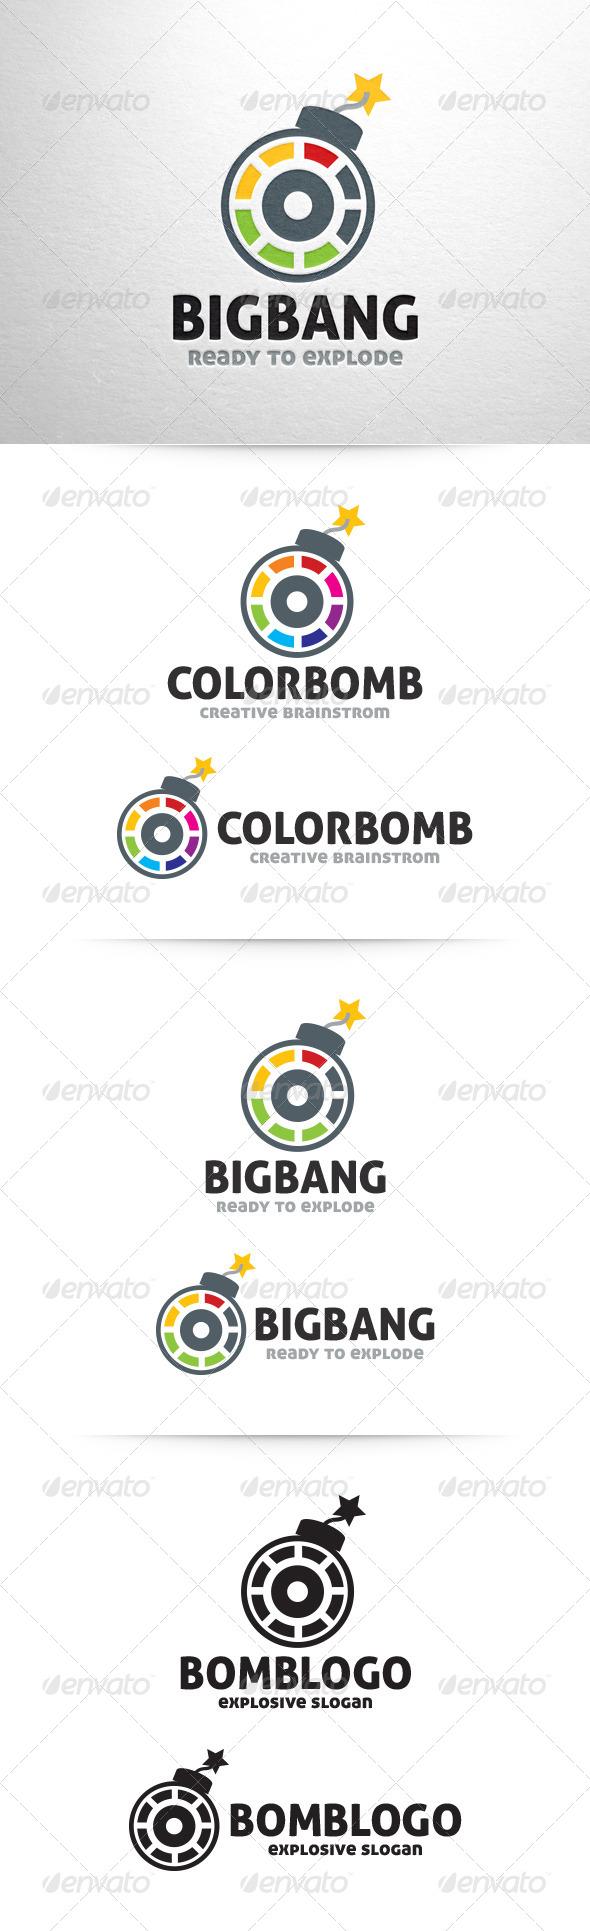 GraphicRiver Bomb Logo Template 6435456